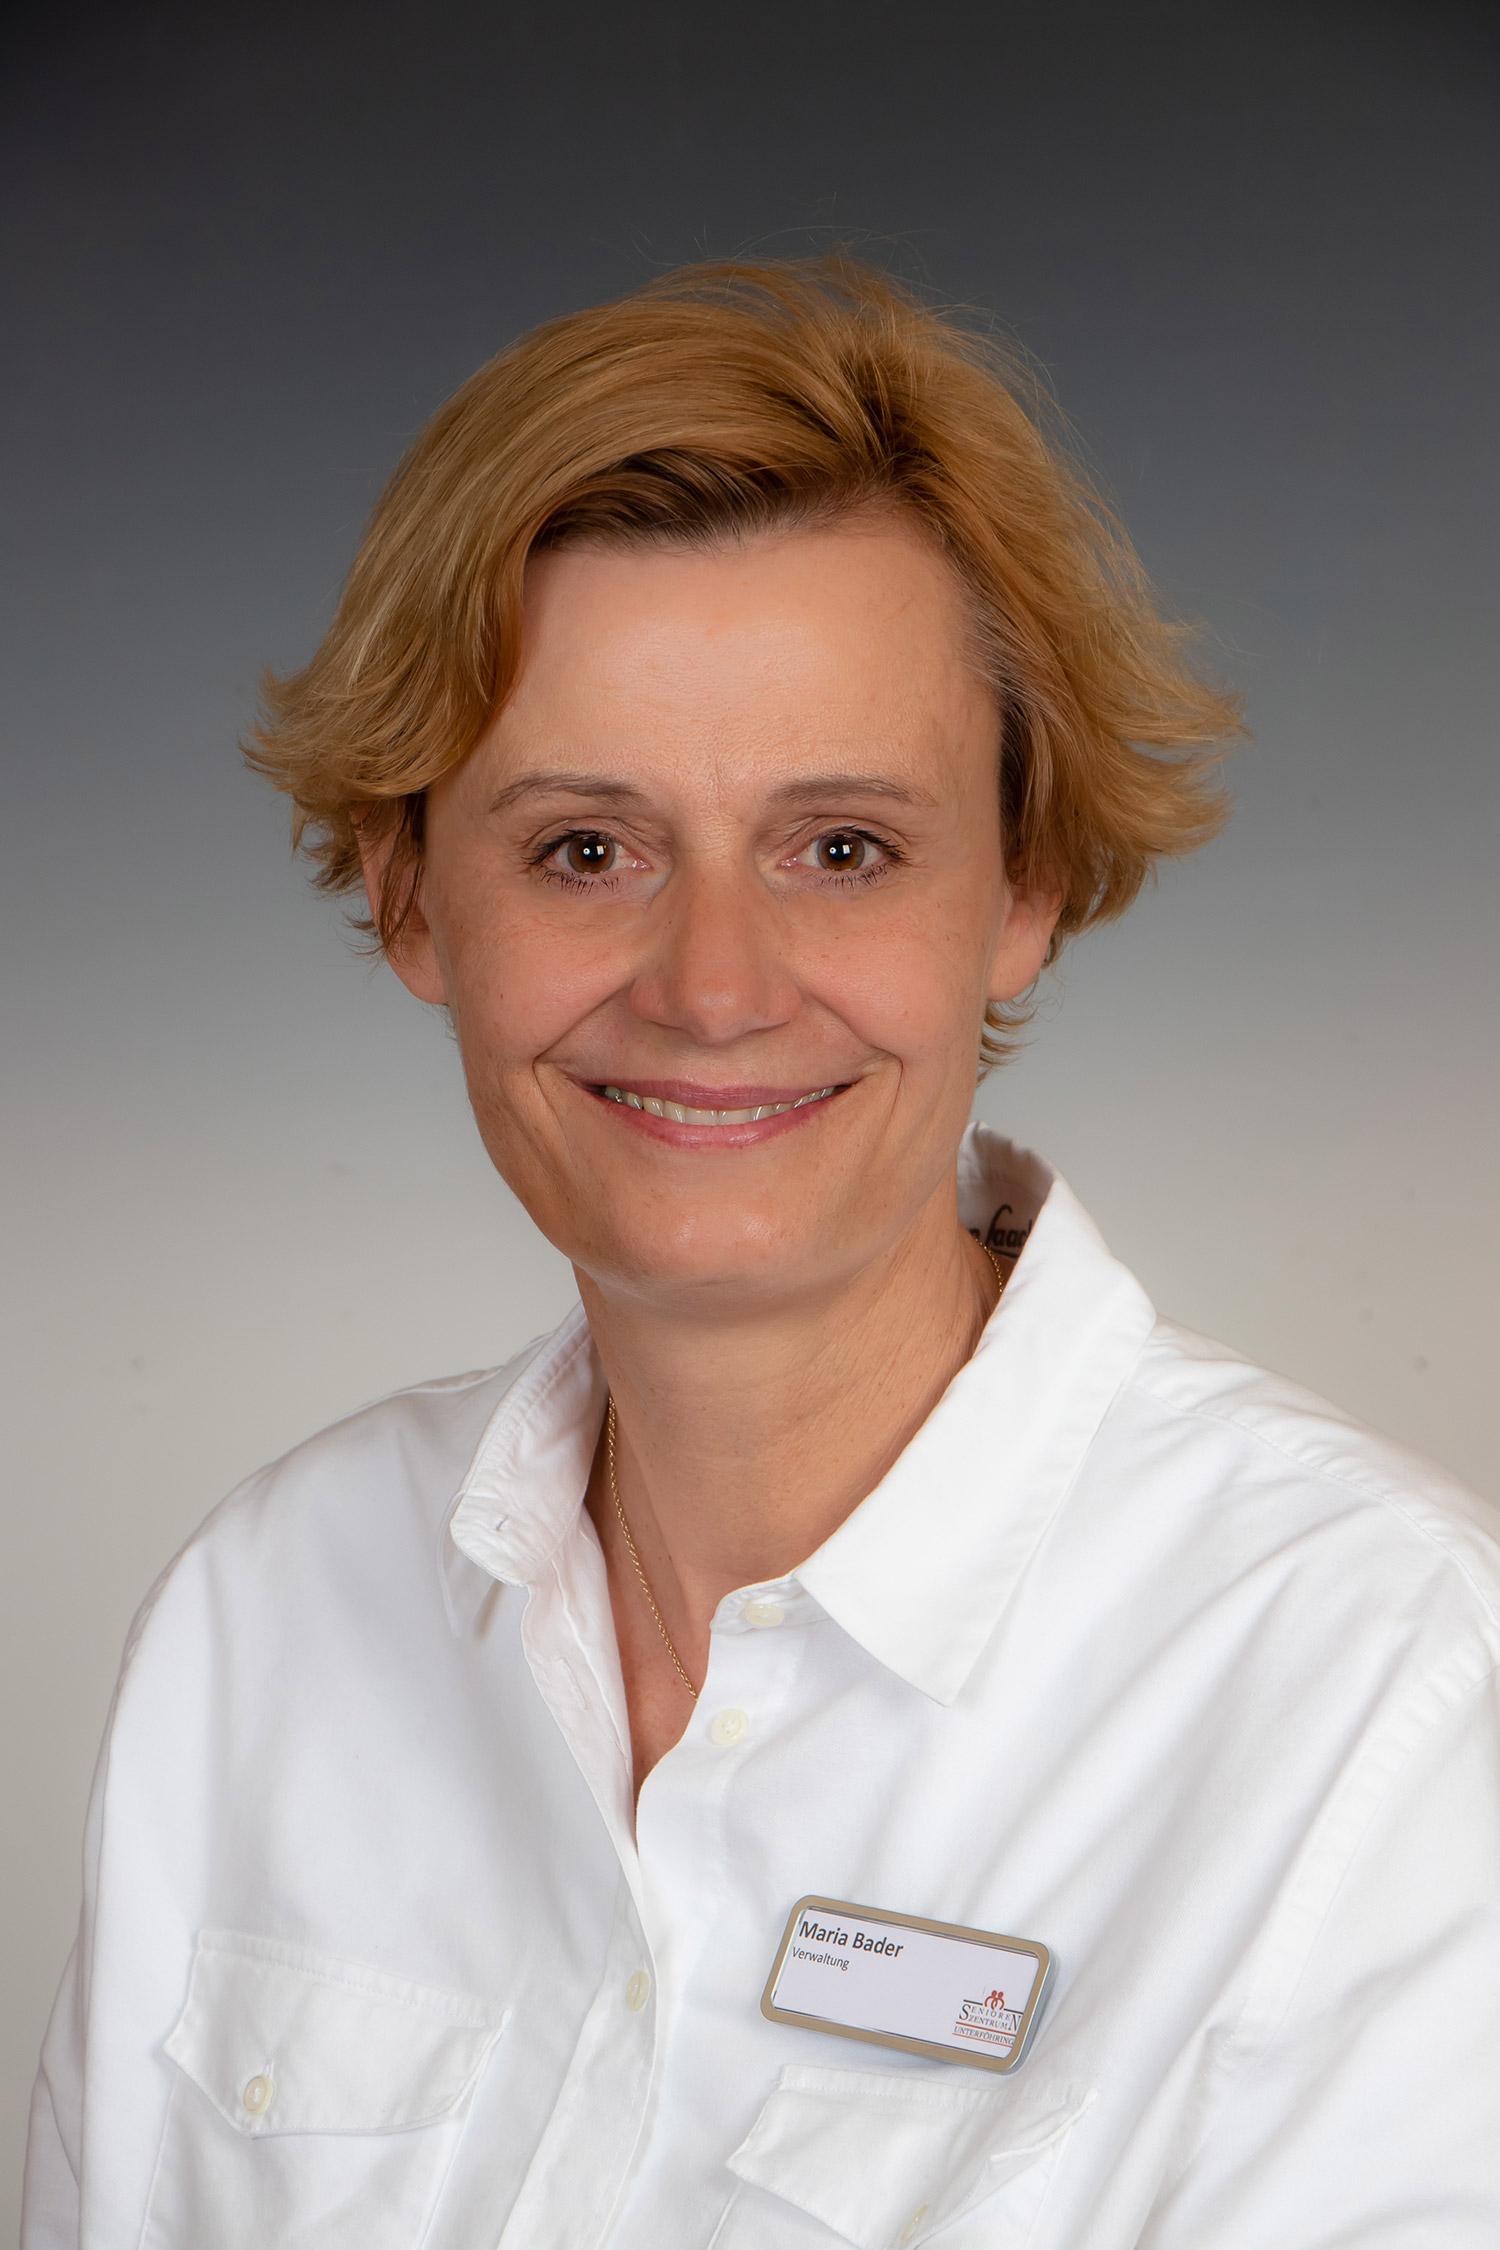 MARIA BADER